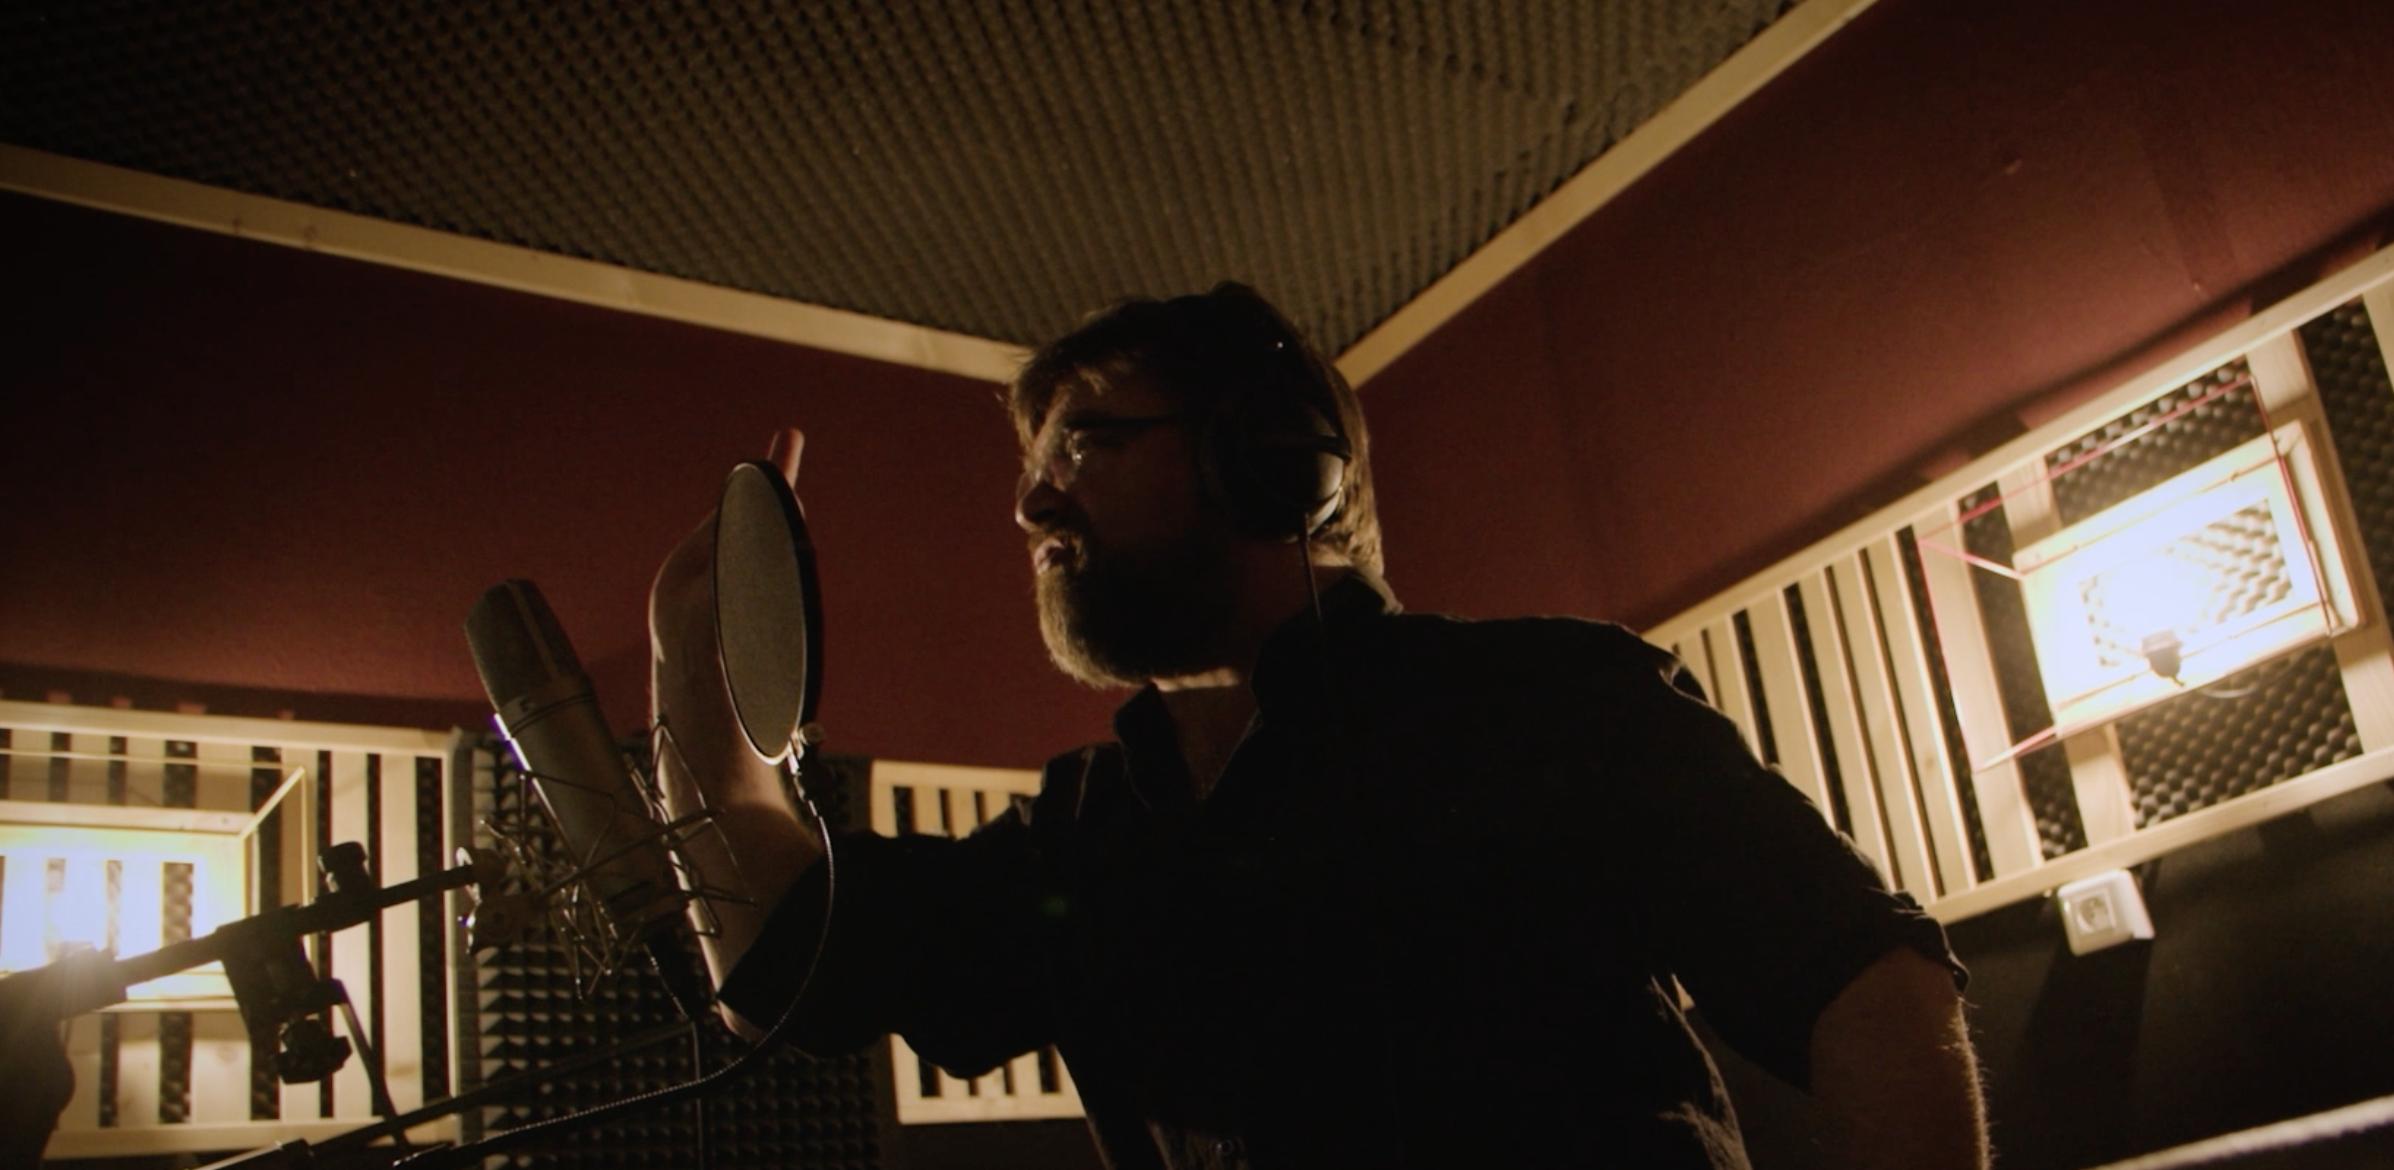 Le projet prend vie avec l'adaptation de BD comme Jazz Maynard ou Carthago. ©DR